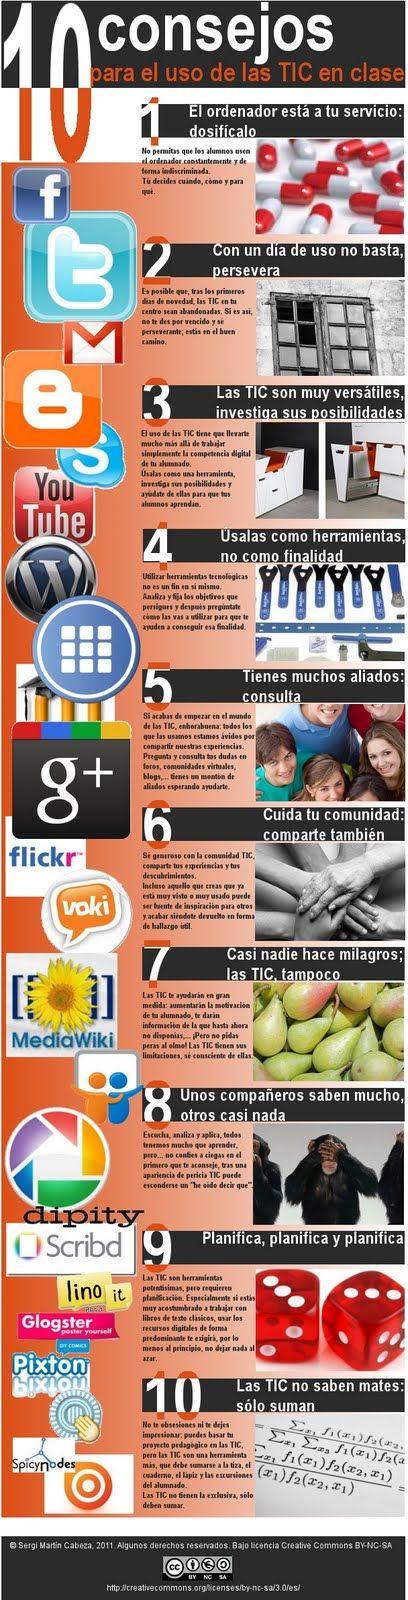 10 consejos para el uso de las TIC en clase.  #tic #consejos #clases #infografia #infografía #infografias #infograph #graph #graphics #infographics